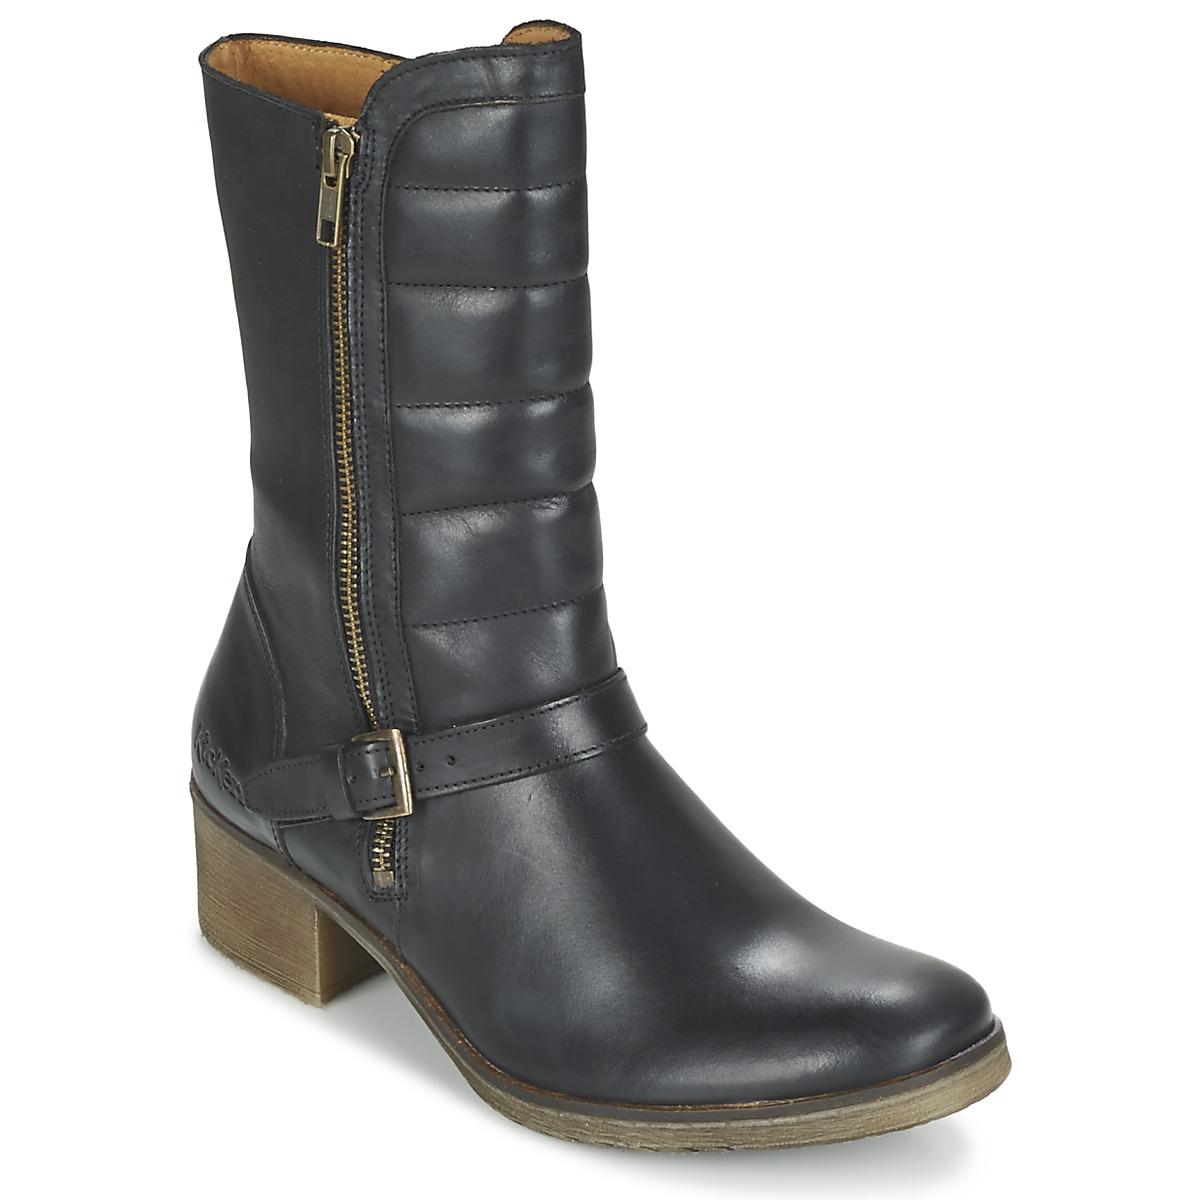 e7c151b3f3eb3e Chaussures, Sacs, KICKERS femme - Chaussure pas cher avec Shoes.fr